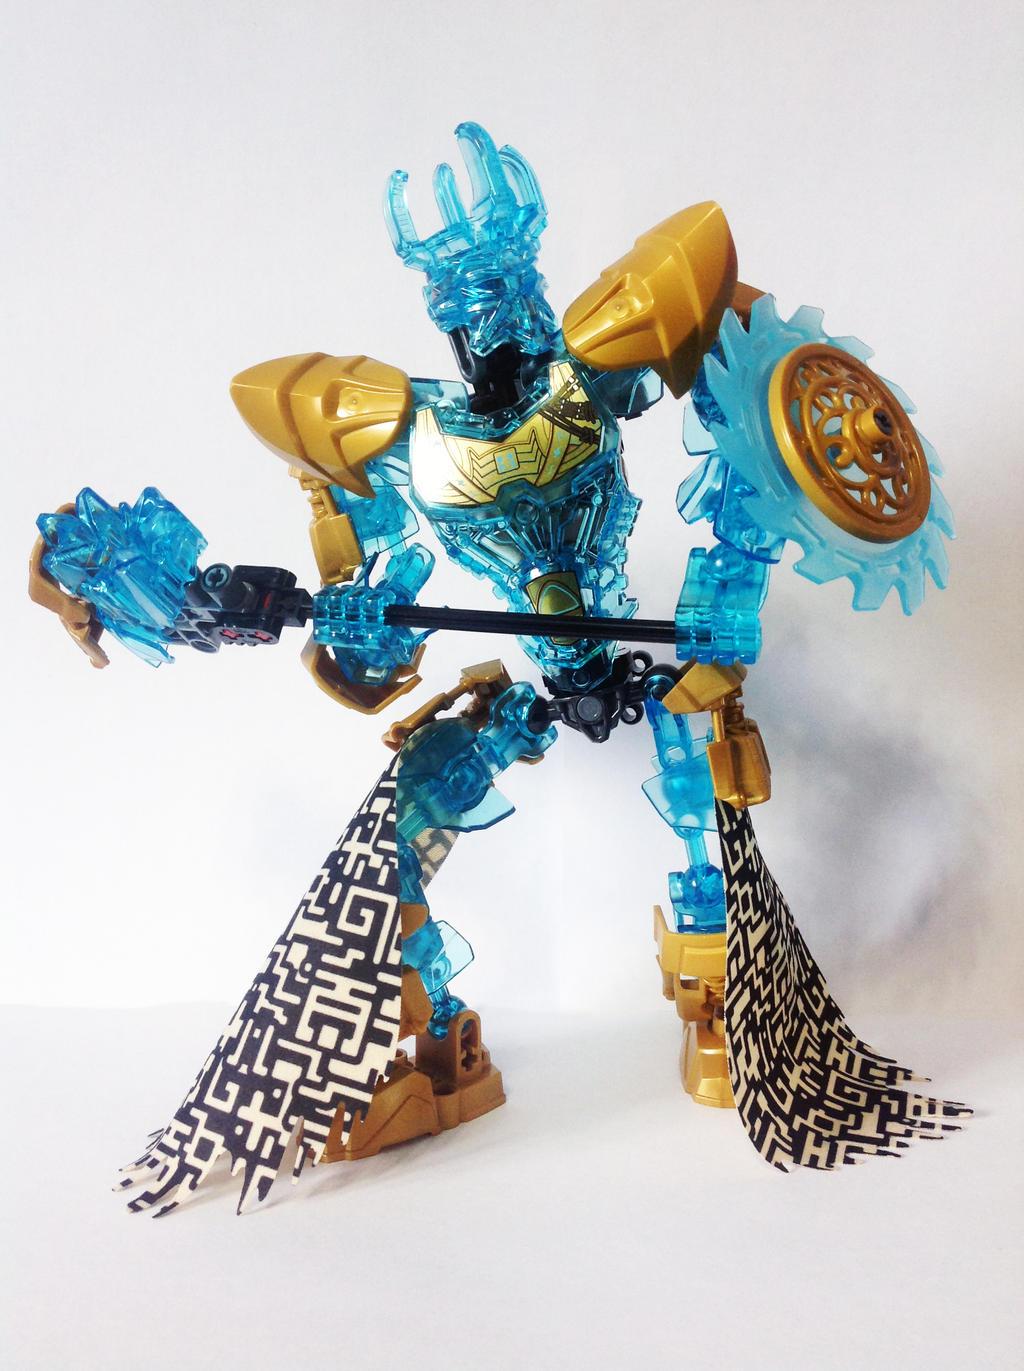 bionicle 2017 ekimu - photo #27